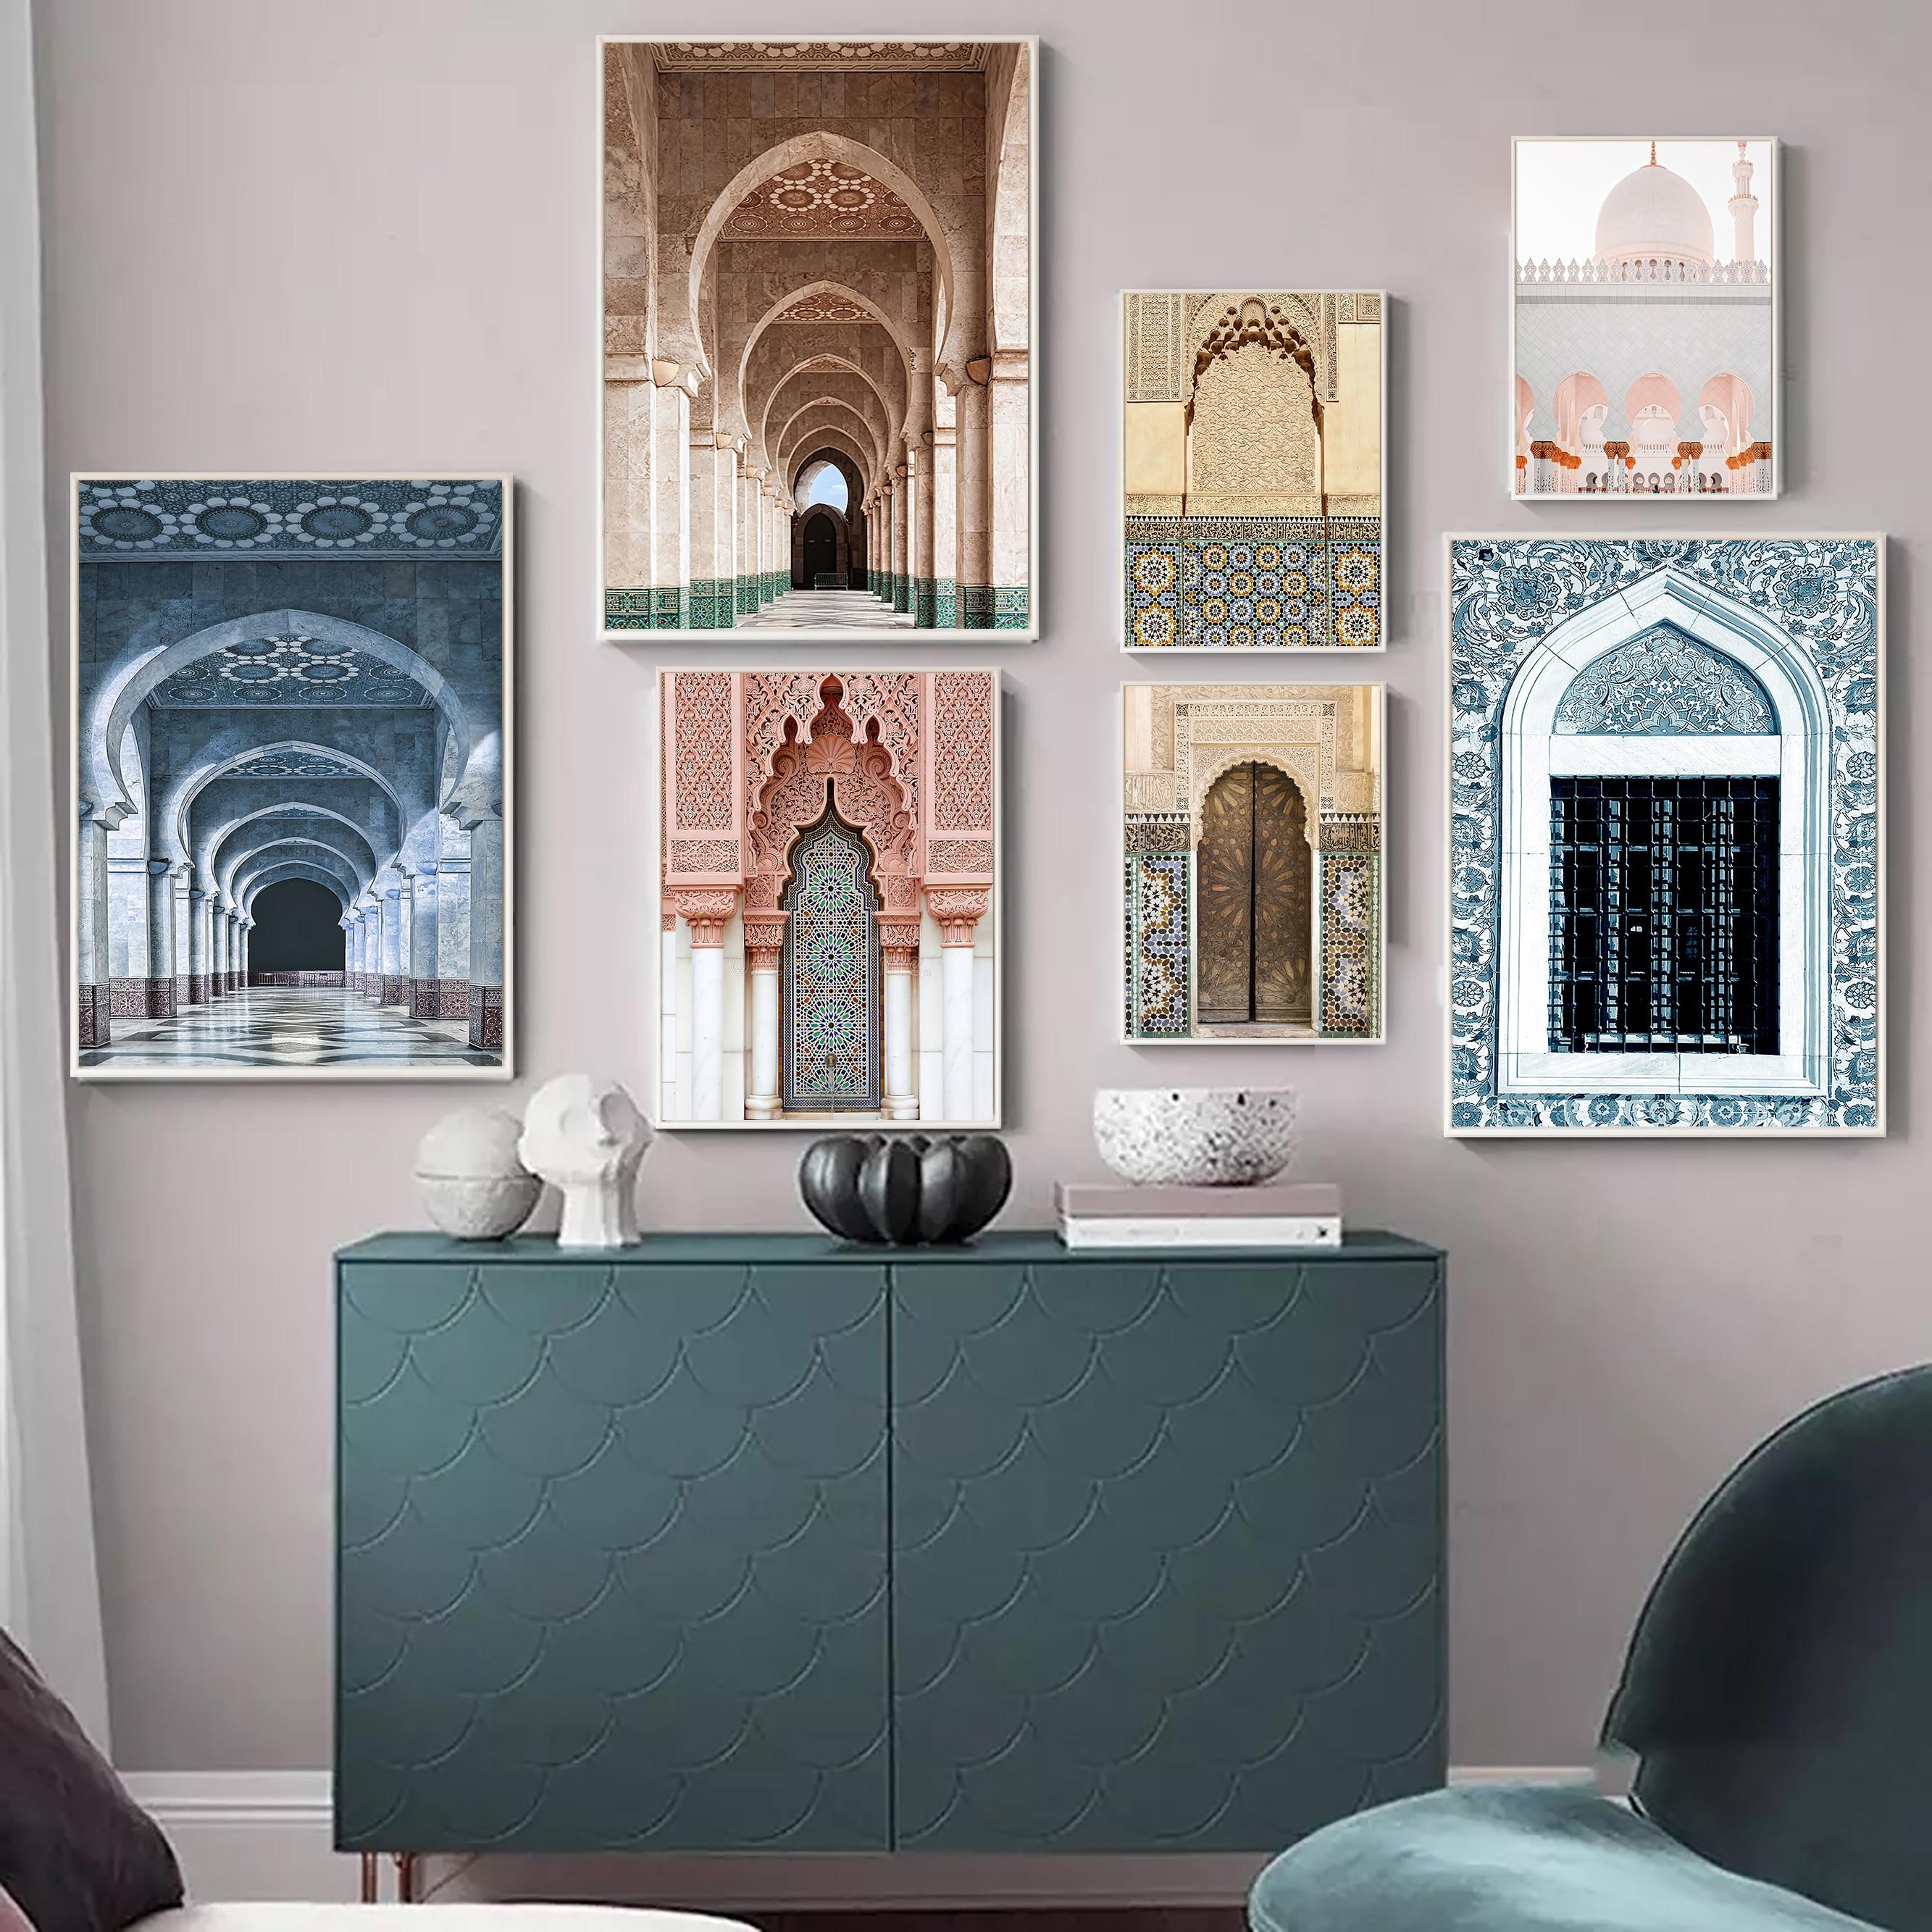 Скандинавские марокканские двери замок Касабланка дворец винтажные постеры всемирно известная архитектура художественные картины Печать холст Картина Декор